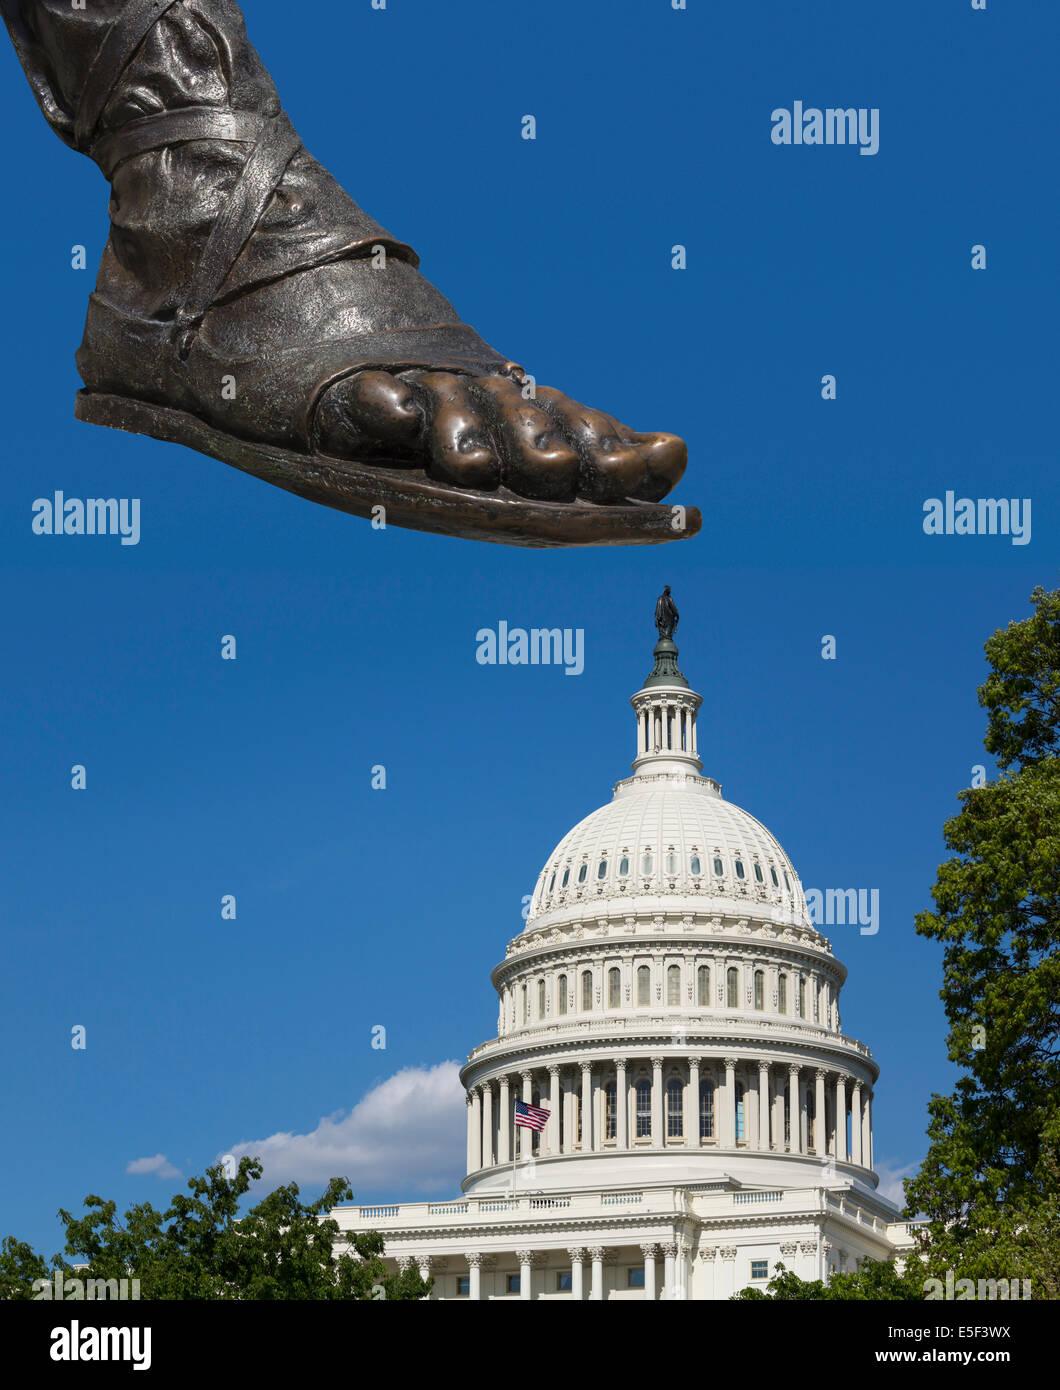 Il piede di una statua stampigliatura sul Campidoglio dome, Washington DC, Stati Uniti d'America - disapprovazione Immagini Stock